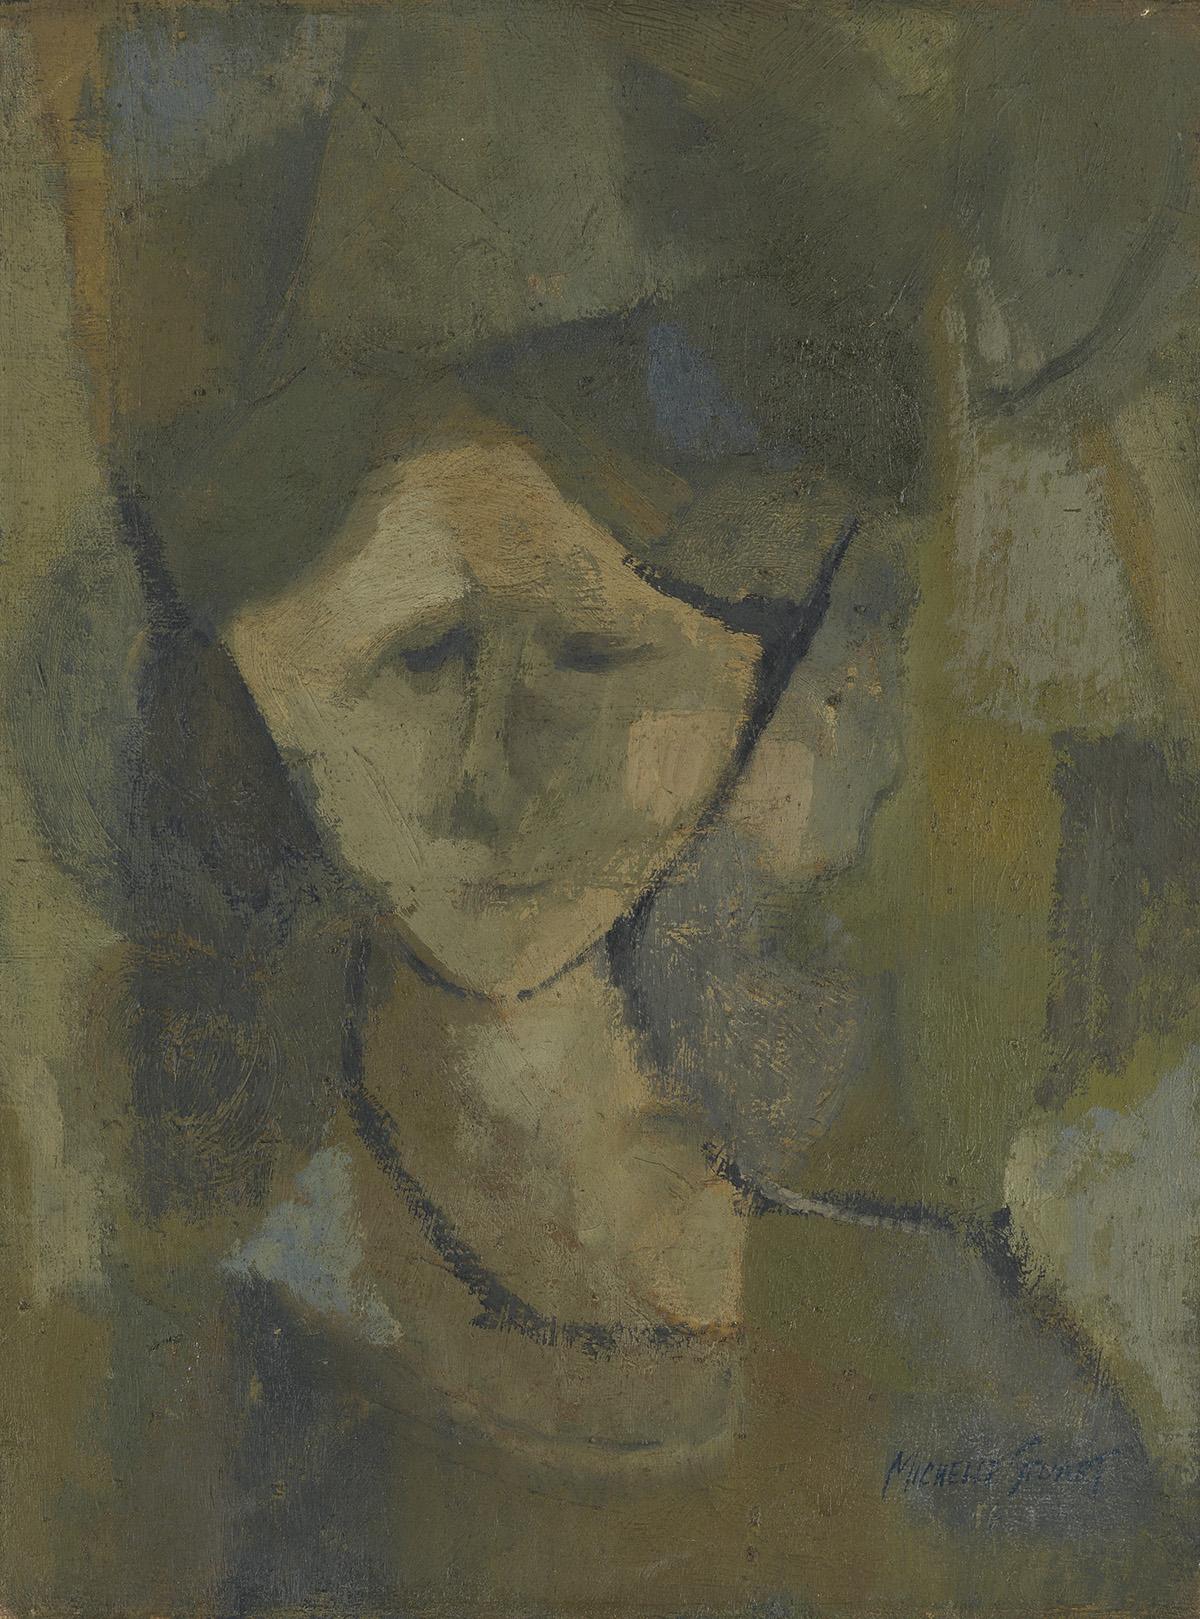 MICHELLE-STUART-Portrait-of-a-Woman